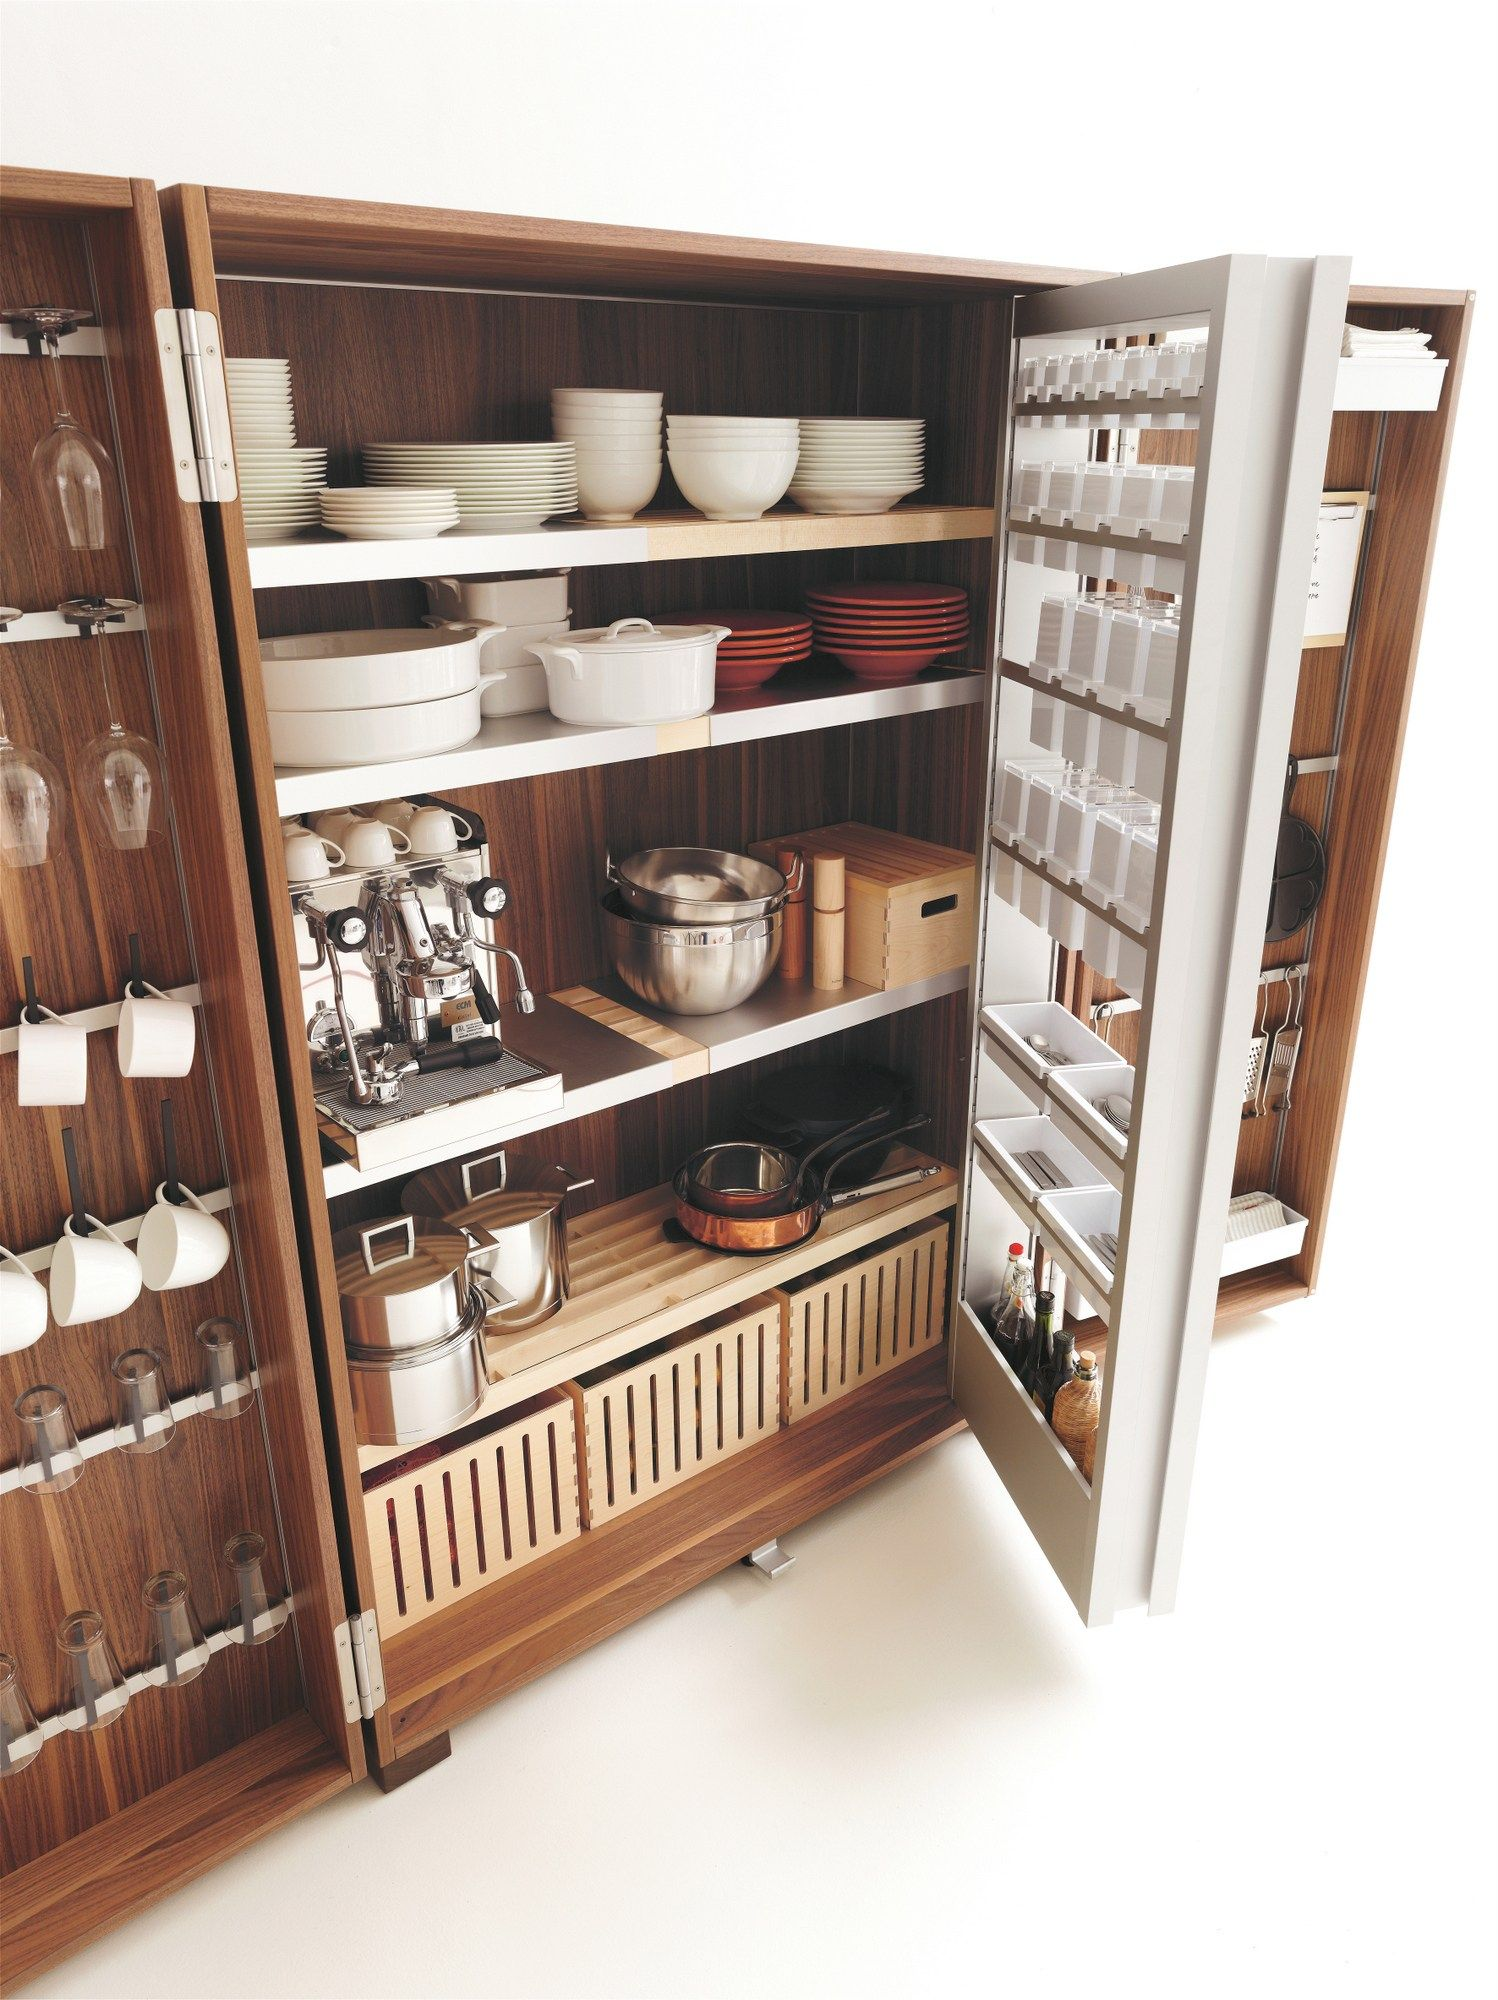 Cozinha integral B2 Coleção b2 by Bulthaup | design EOOS | kitchen ...